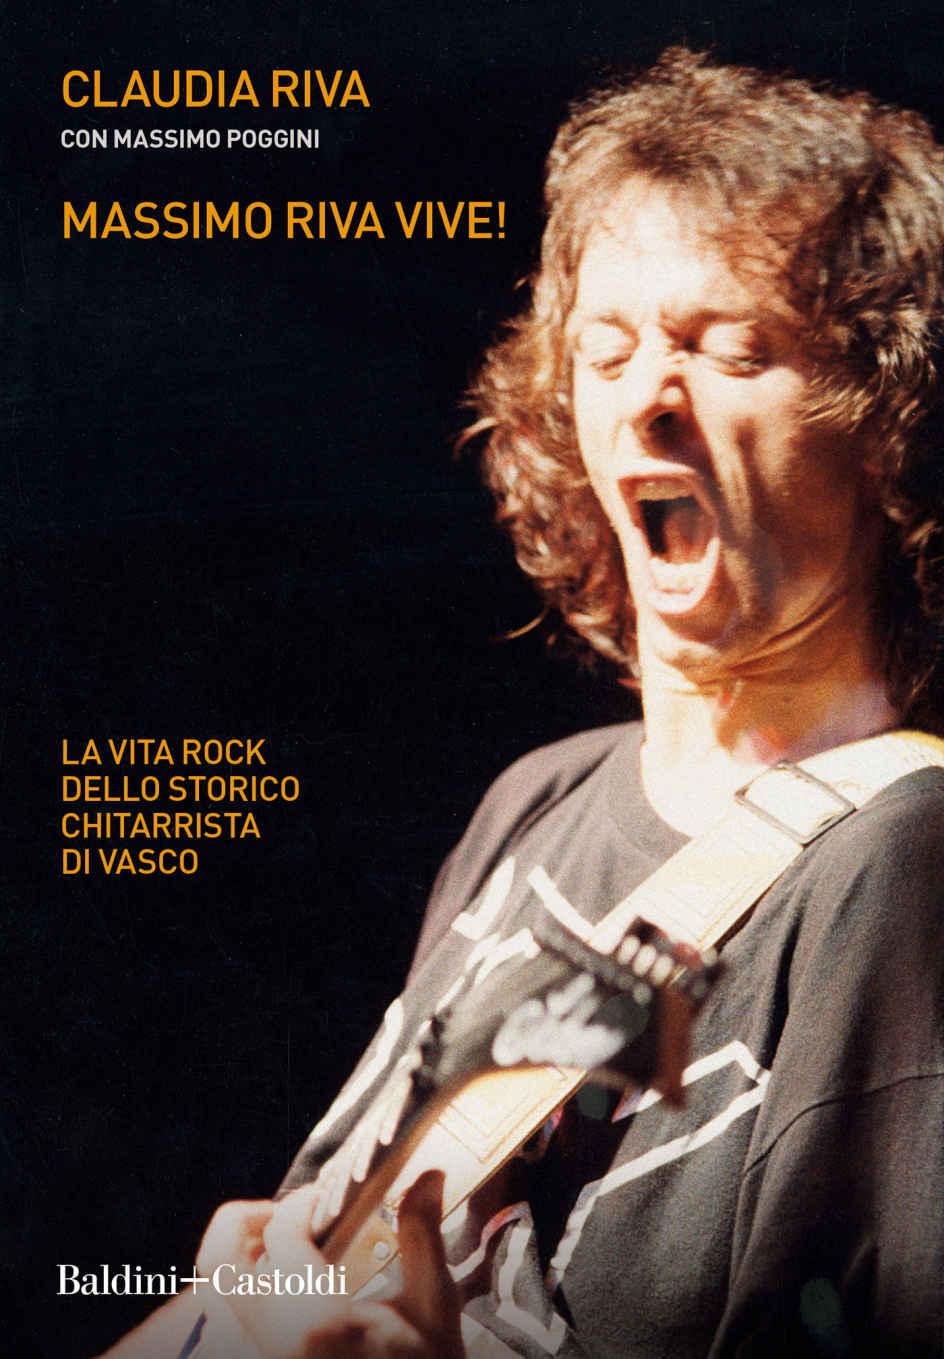 Recensione di Massimo Riva Vive! – Claudia Riva